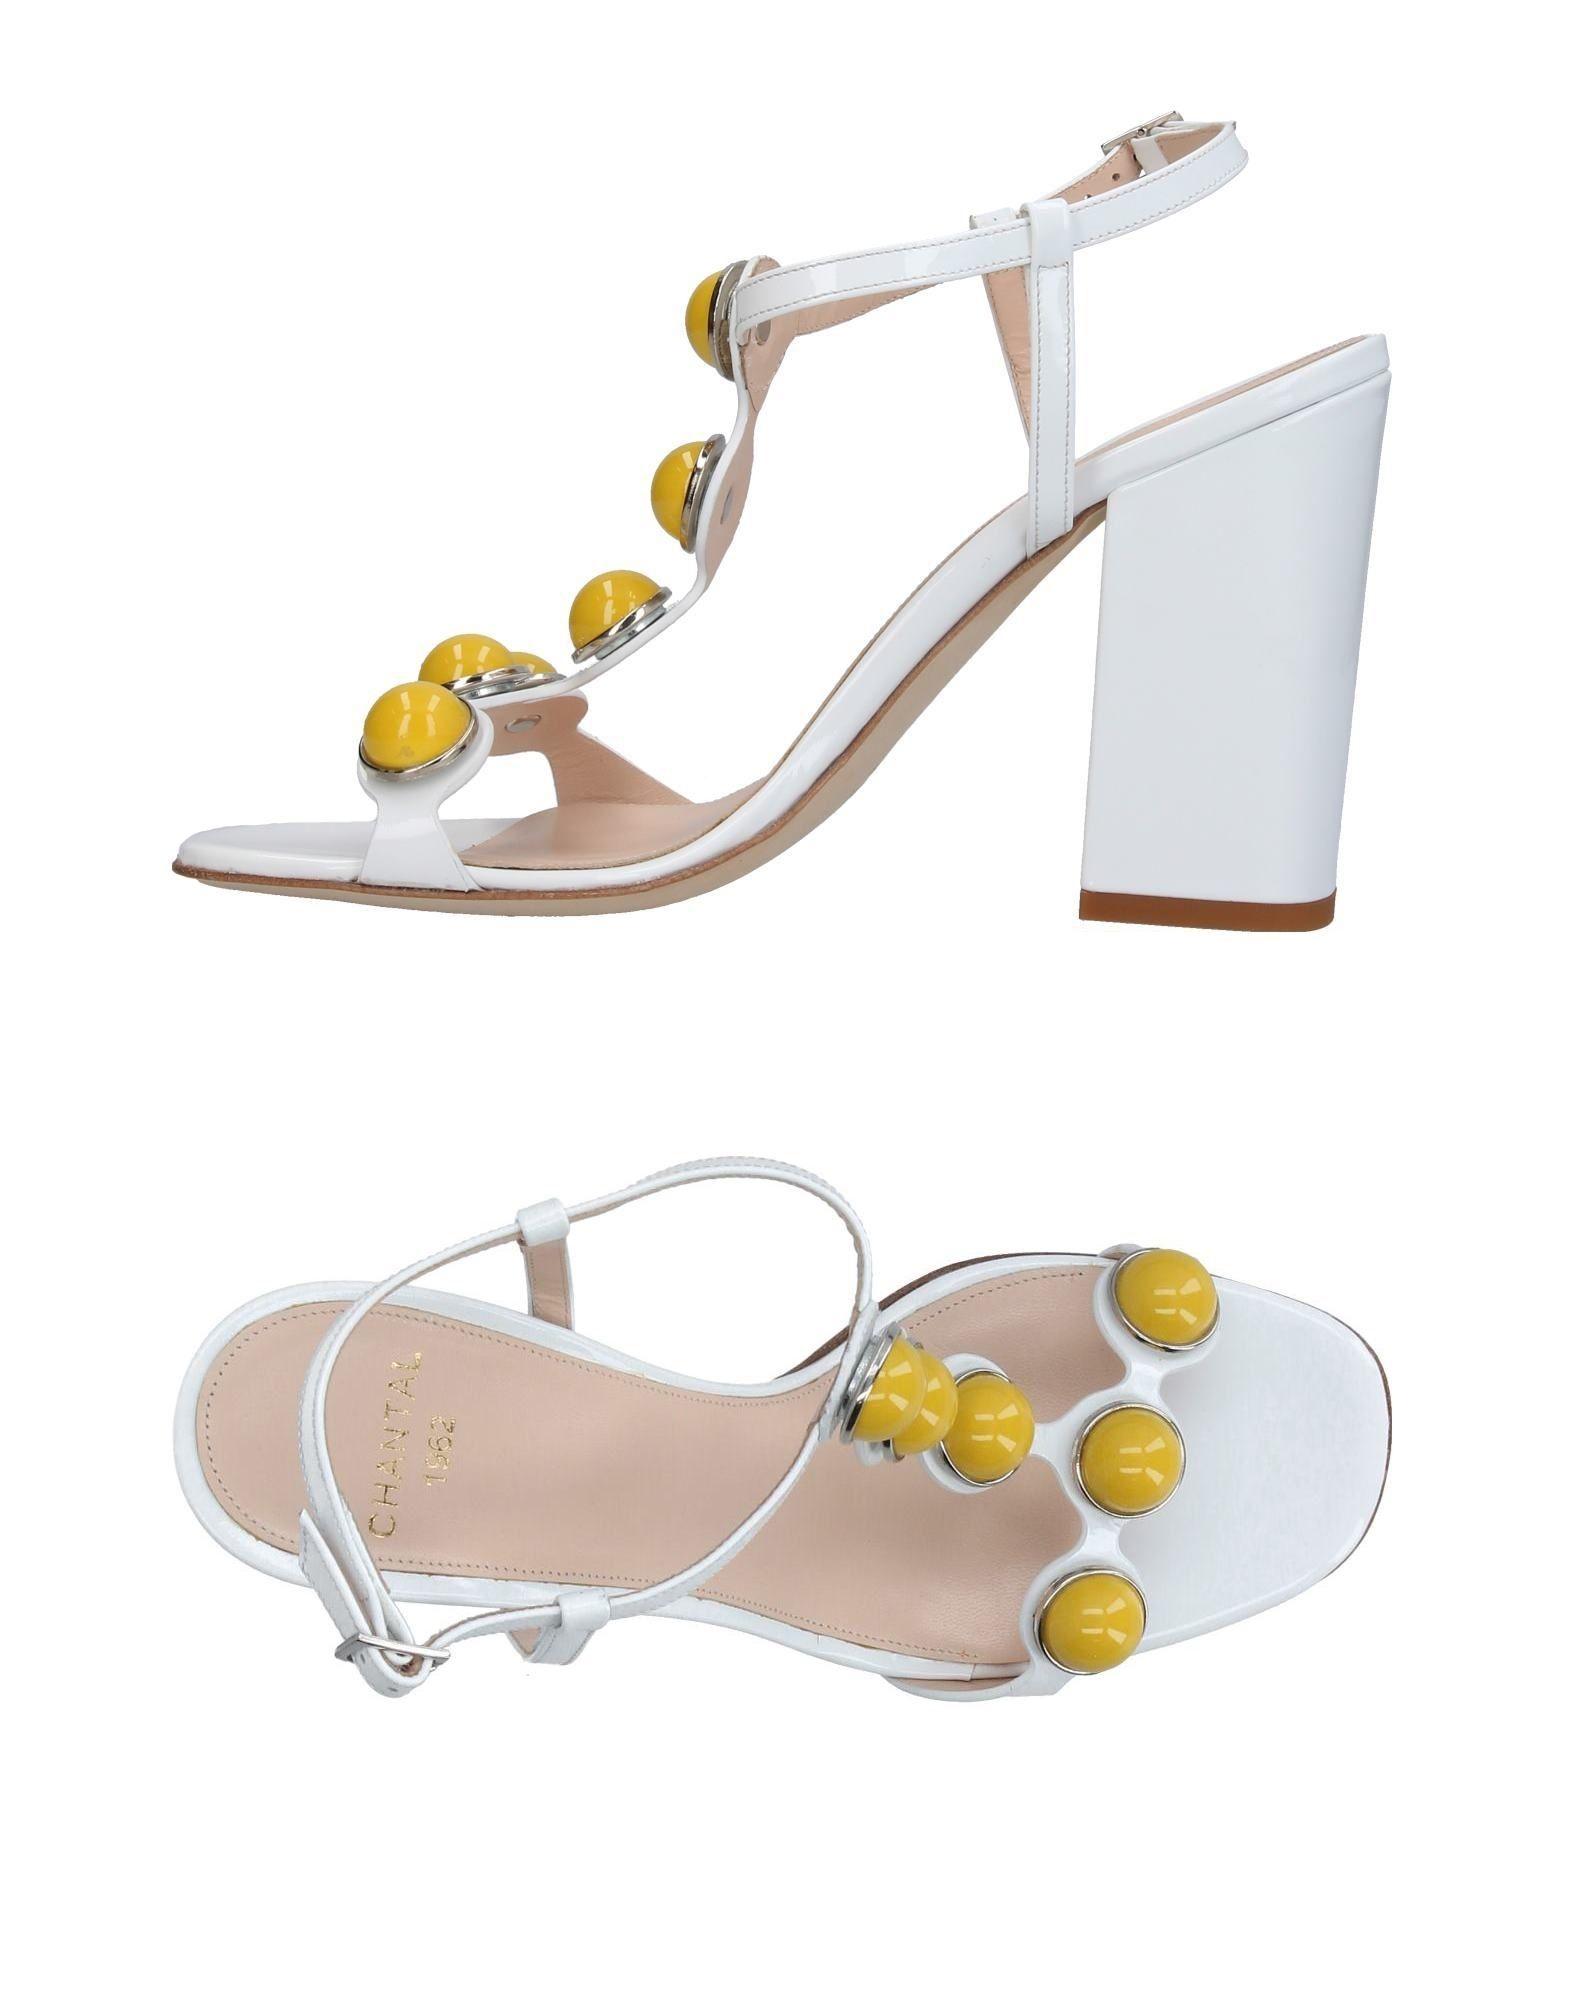 Chantal Sandalen Damen  11362155SN Gute Qualität beliebte Schuhe